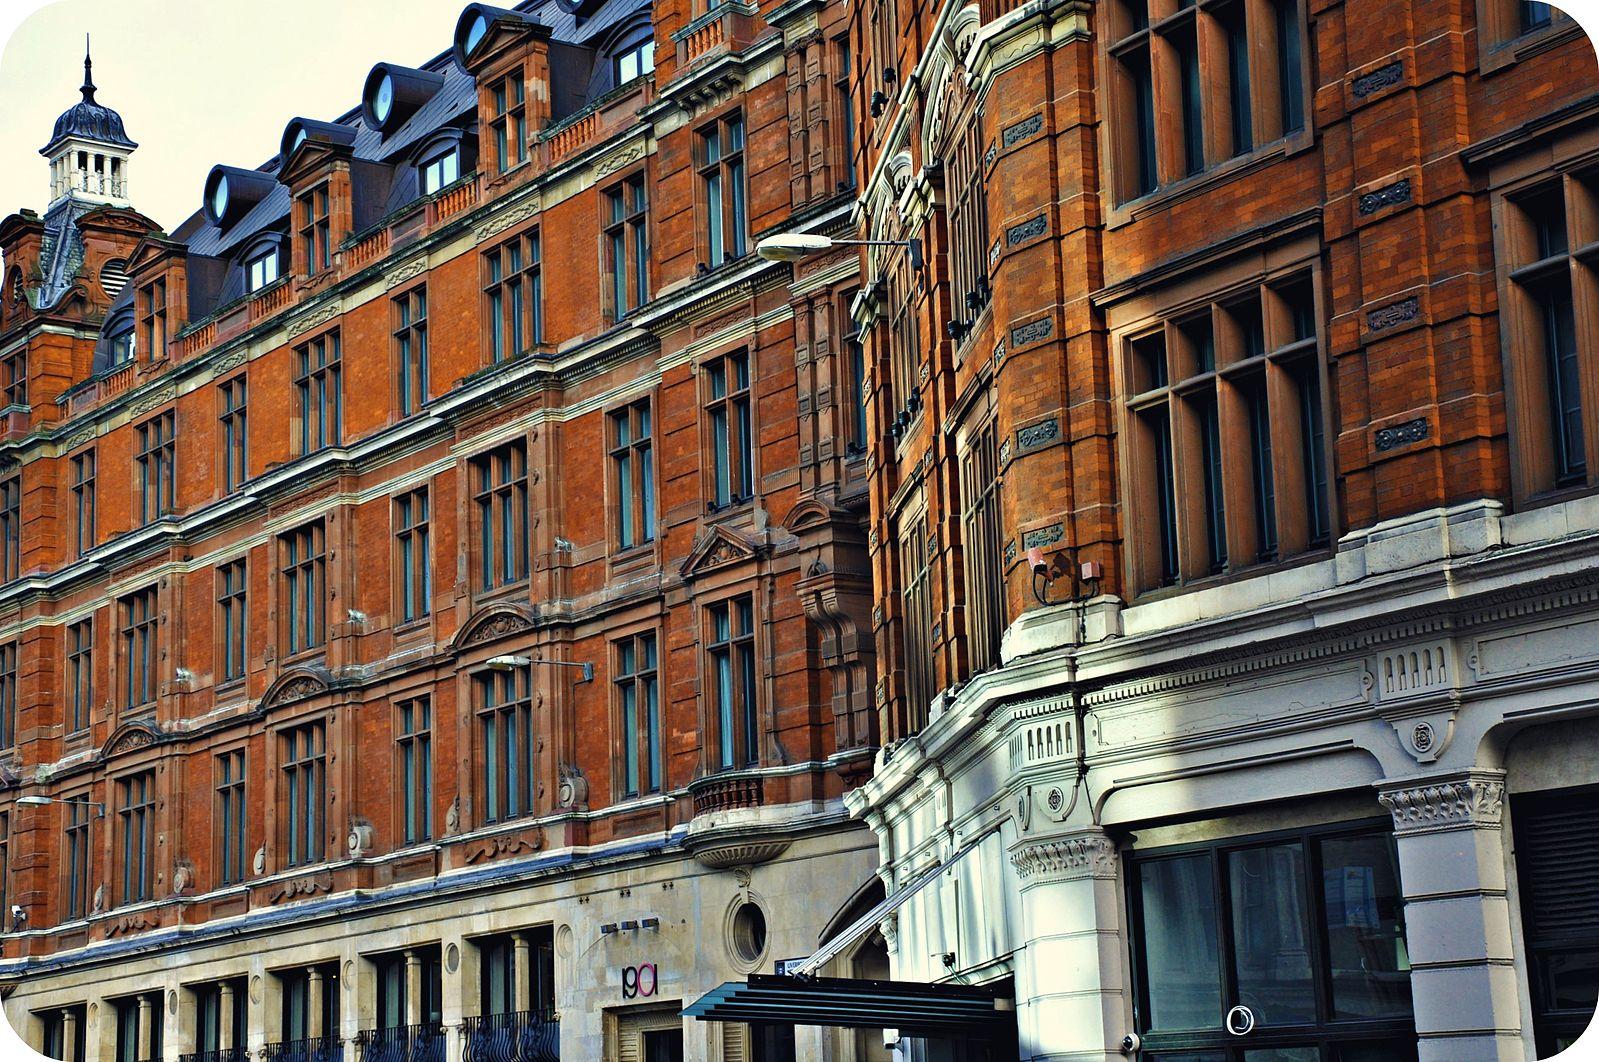 首都ロンドンに建つ最初のアンダーズホテル「アンダーズ・リバプール・ストリート」